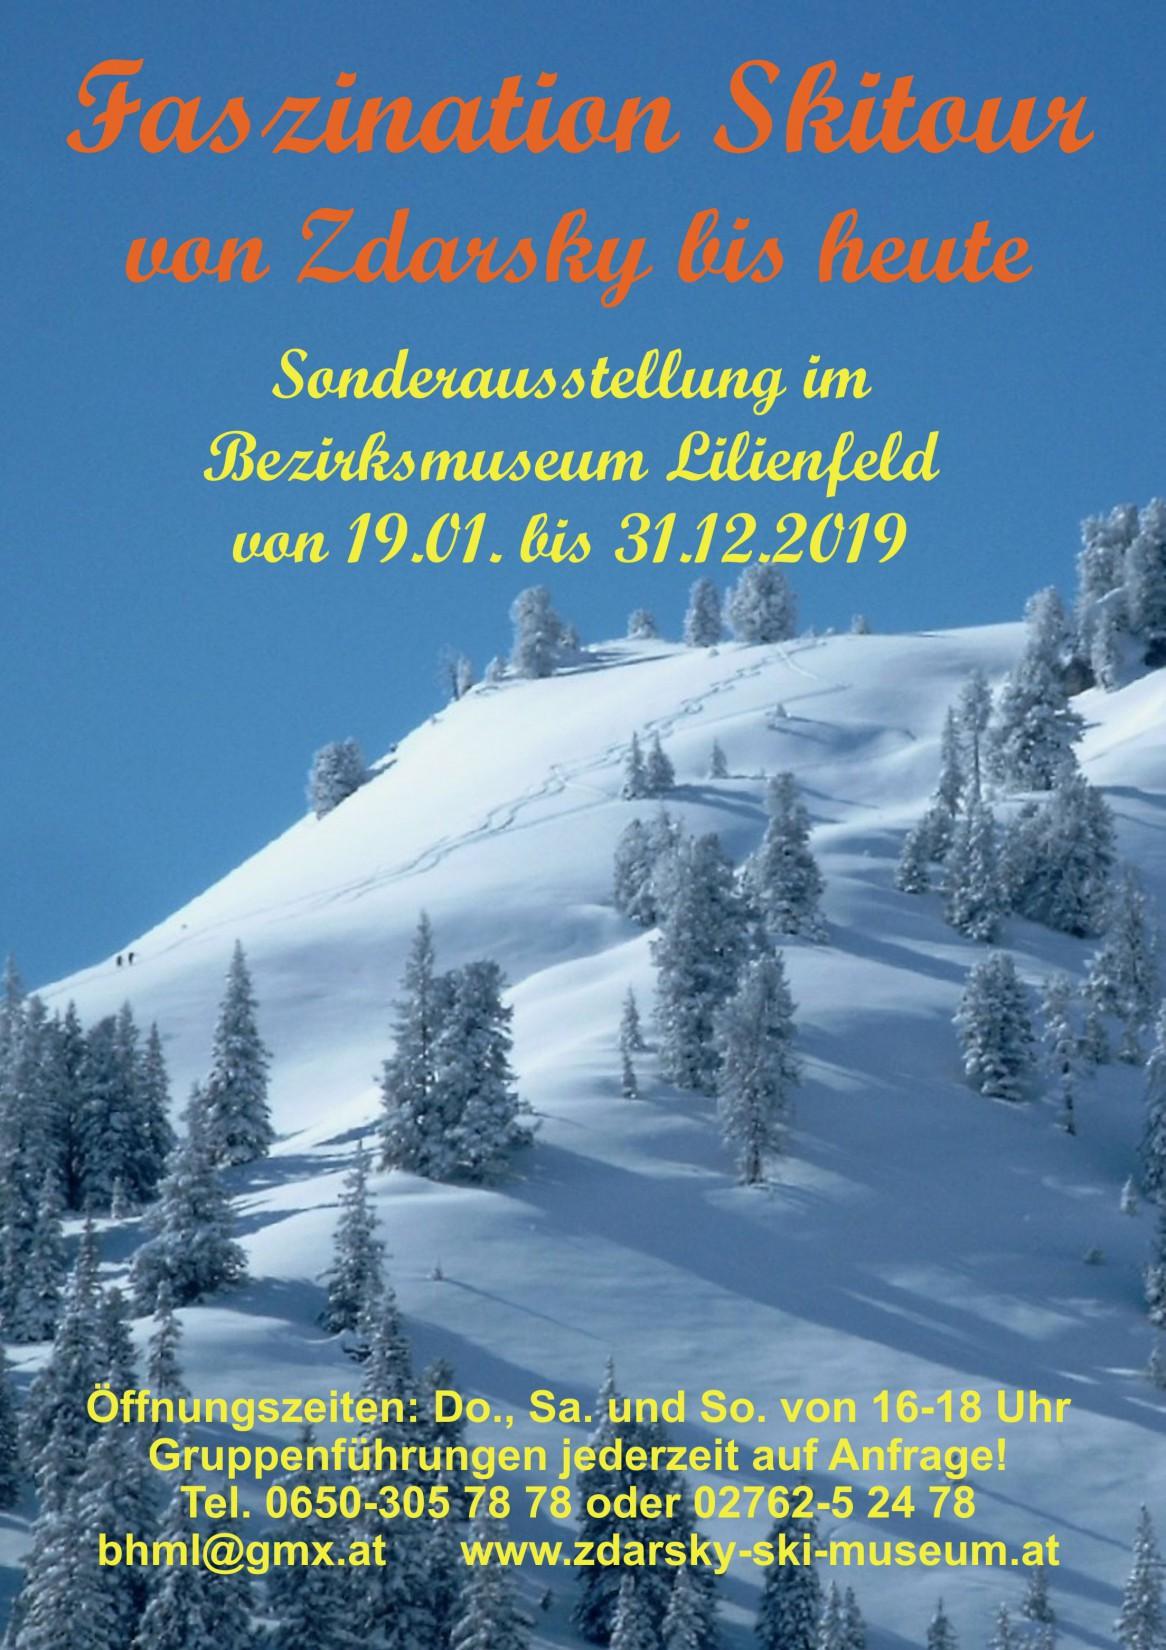 Faszination Skitour – von Zdarsky bis heute